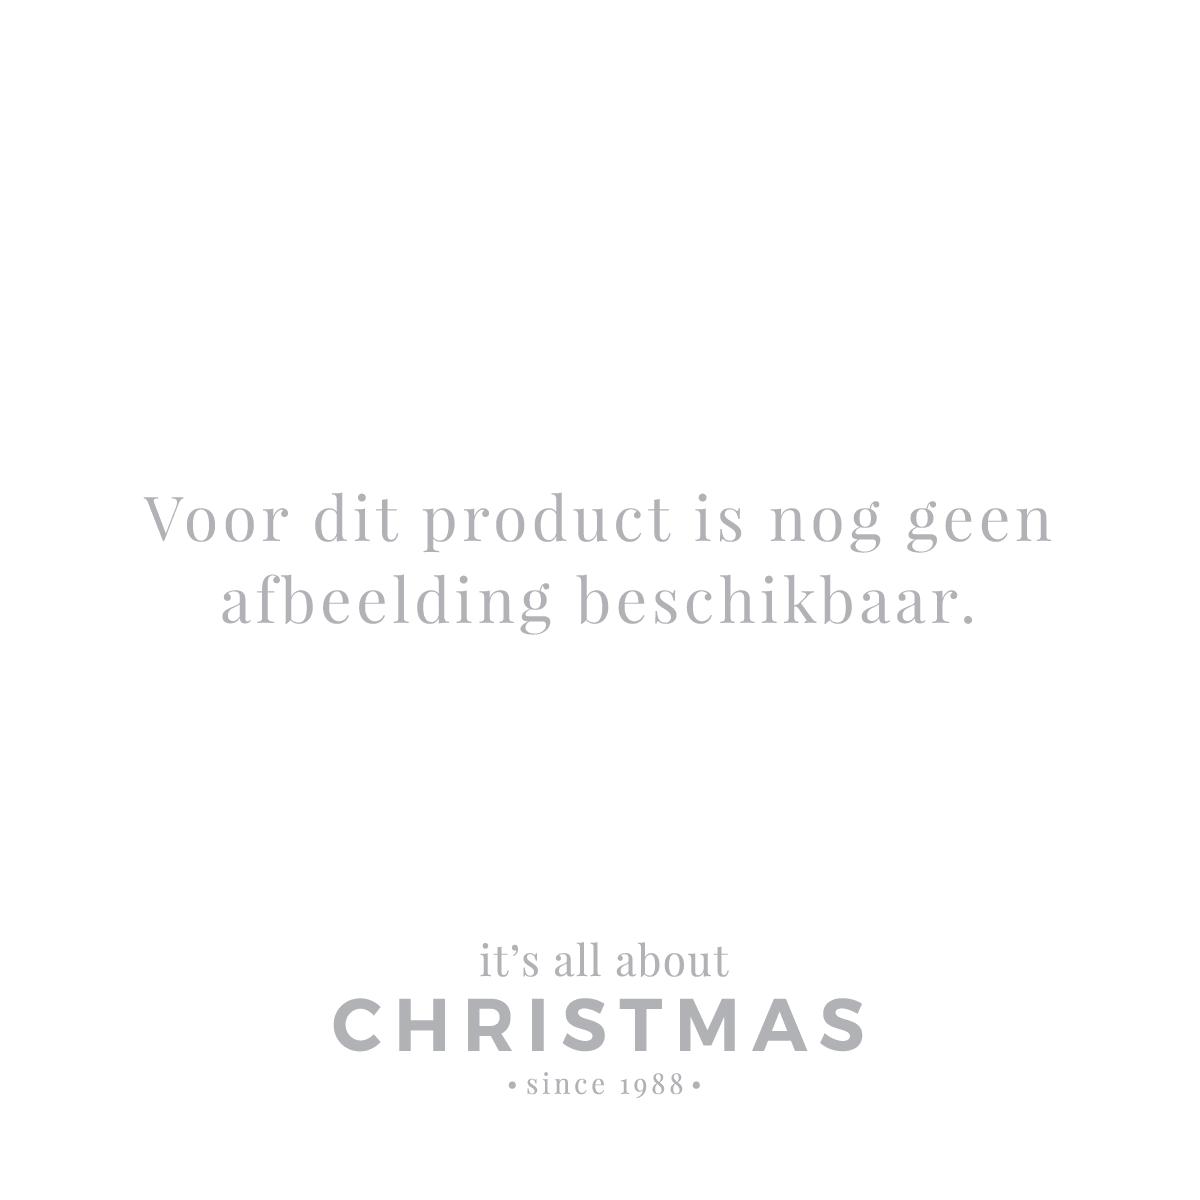 Künstlicher Weihnachtsbaum Mit Beleuchtung Kaufen.Künstliche Weihnachtsbäume Kaufen Weihnachtsdekoration At